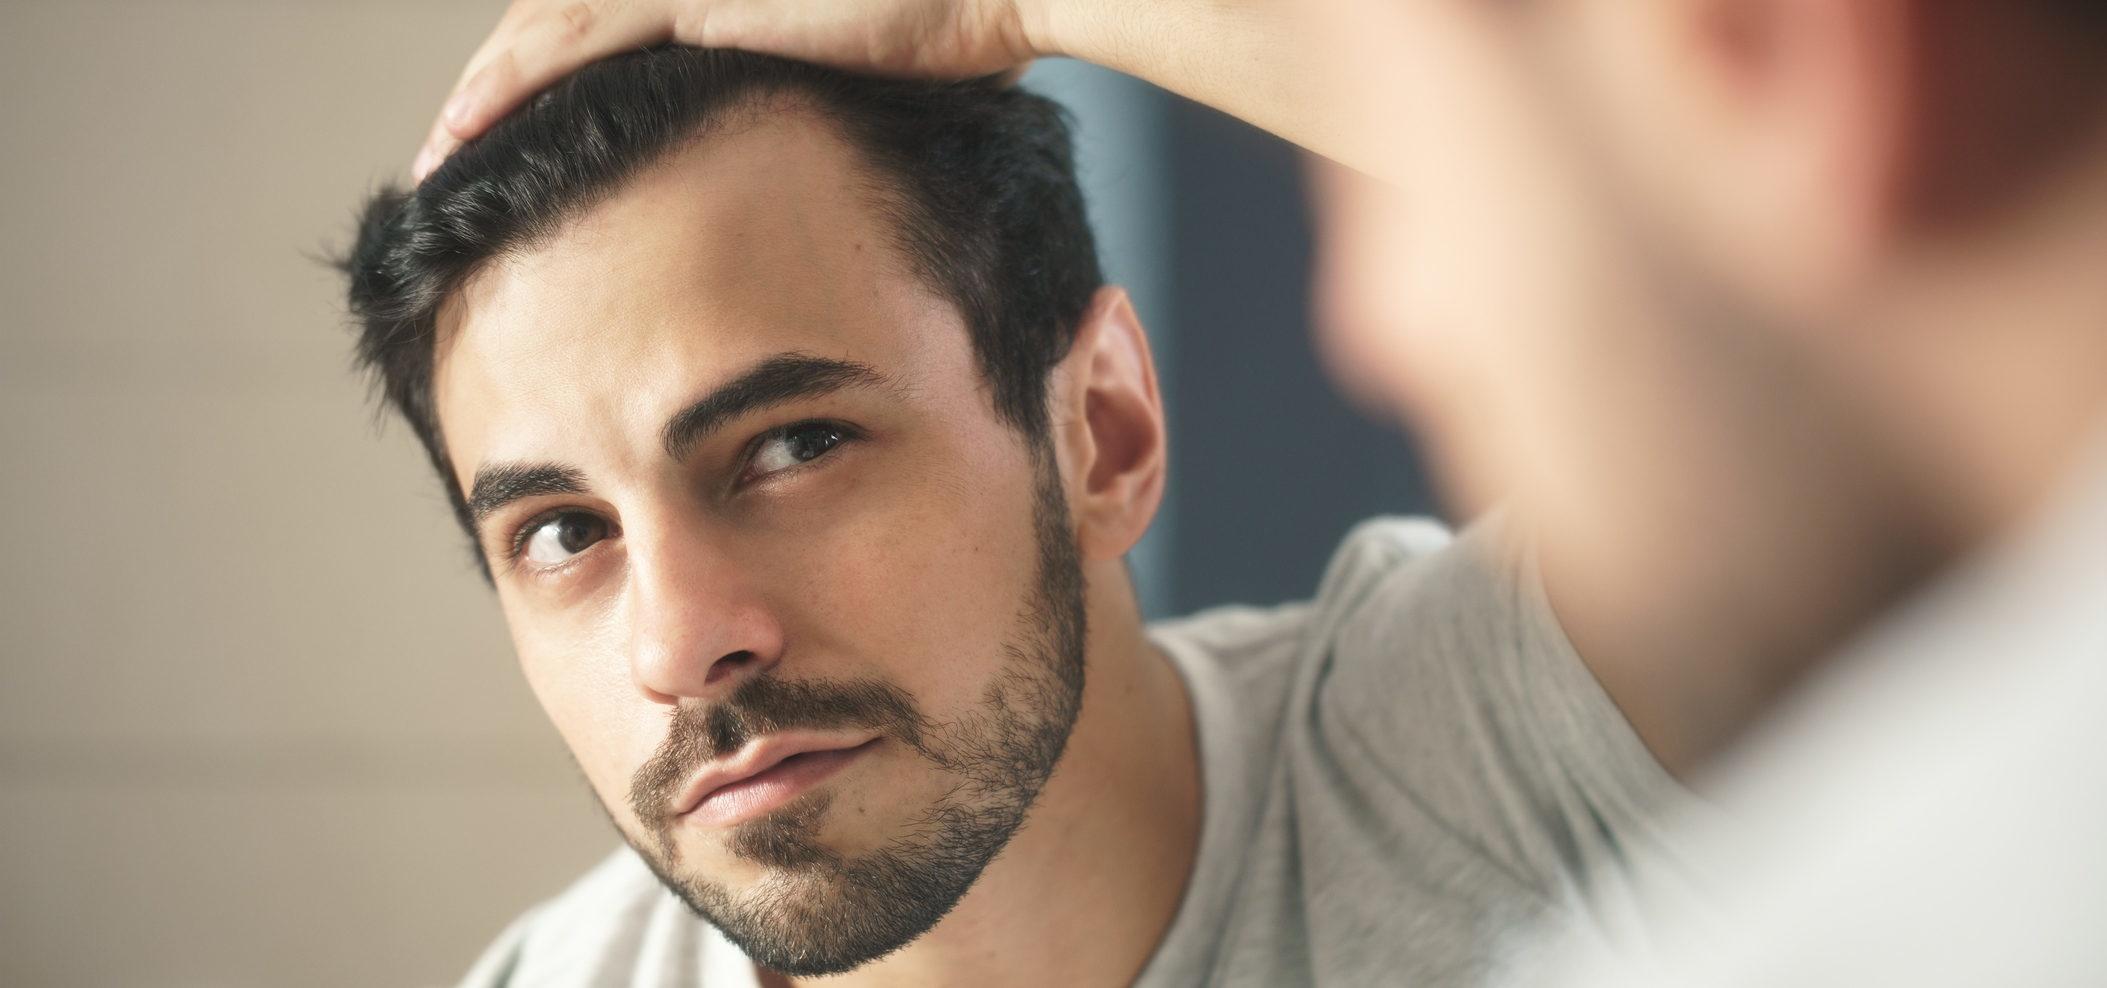 Alopécia: tipos, causas e possíveis tratamentos